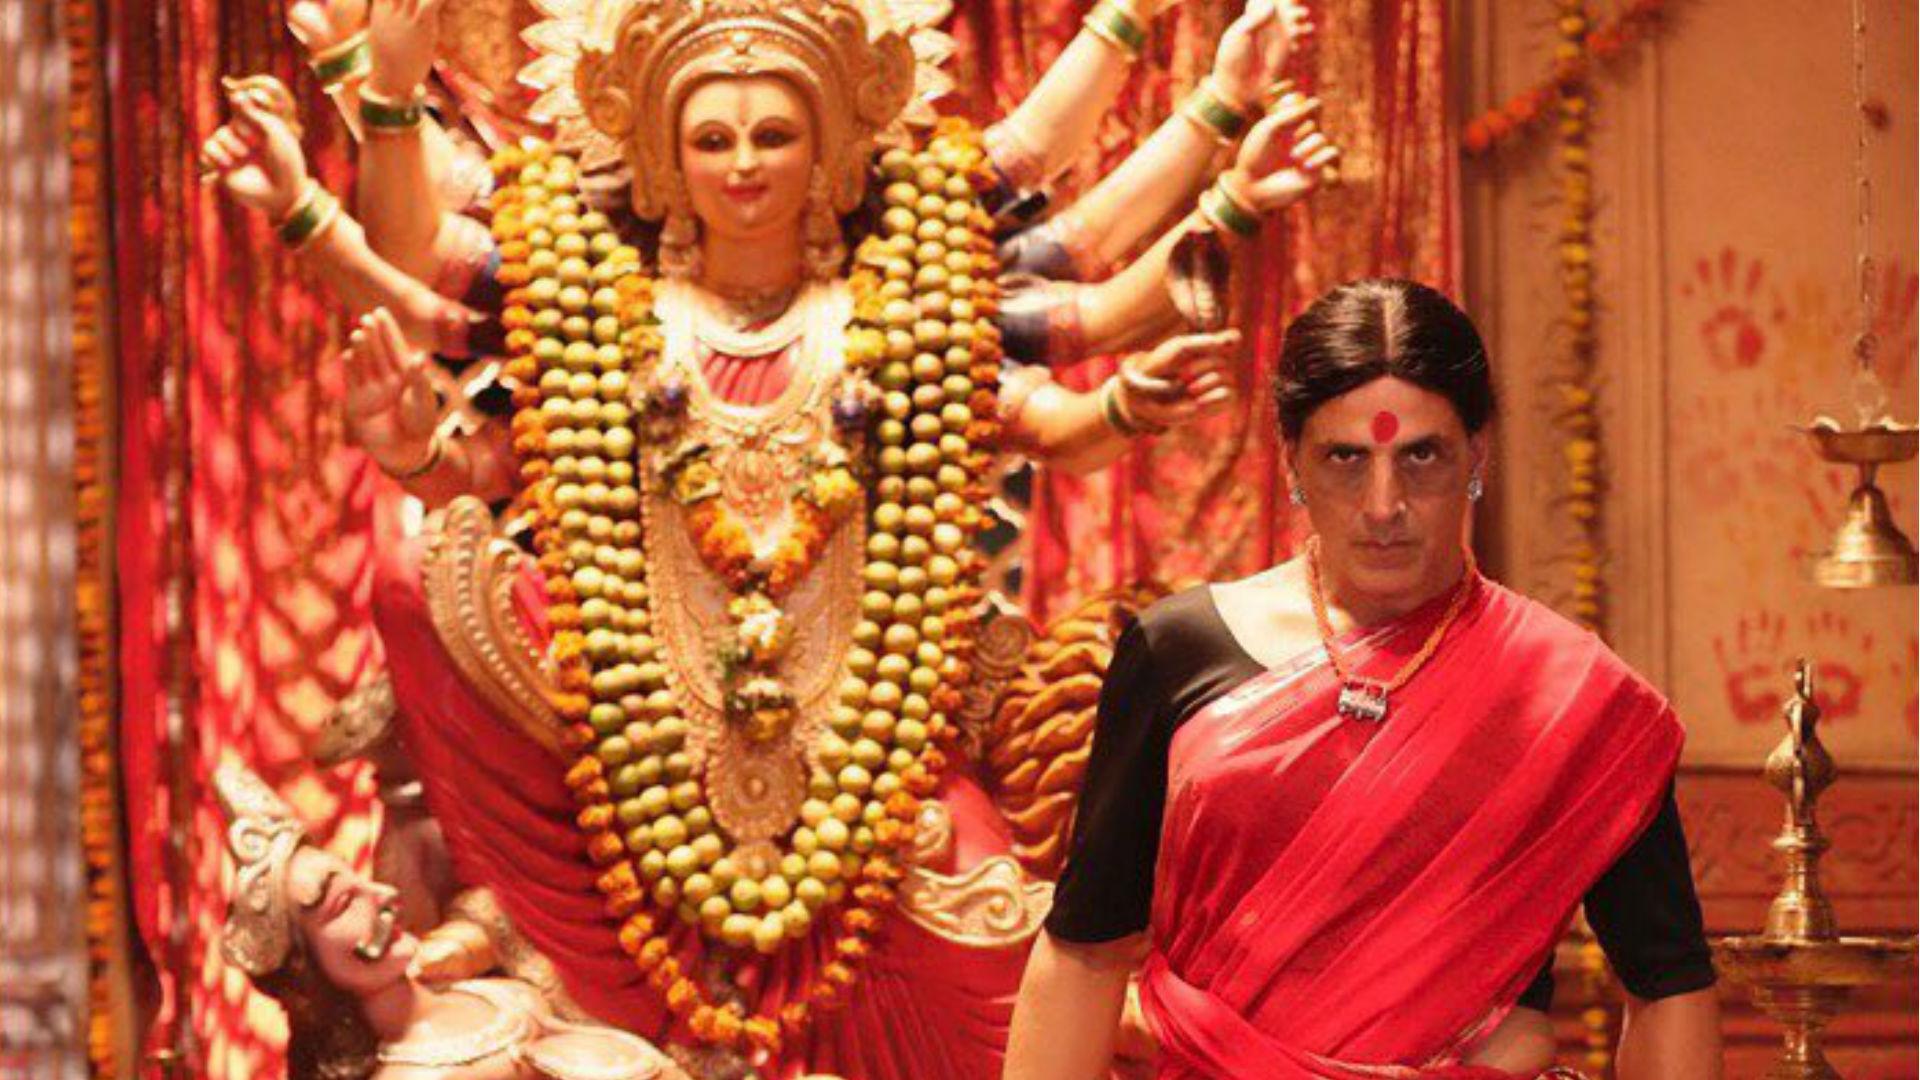 अक्षय कुमार लक्ष्मी बॉम्ब में इस अभिनेत्री के साथ करेंगे रोमांस, फिल्म का पोस्टर आया सामने, देखें तस्वीरें